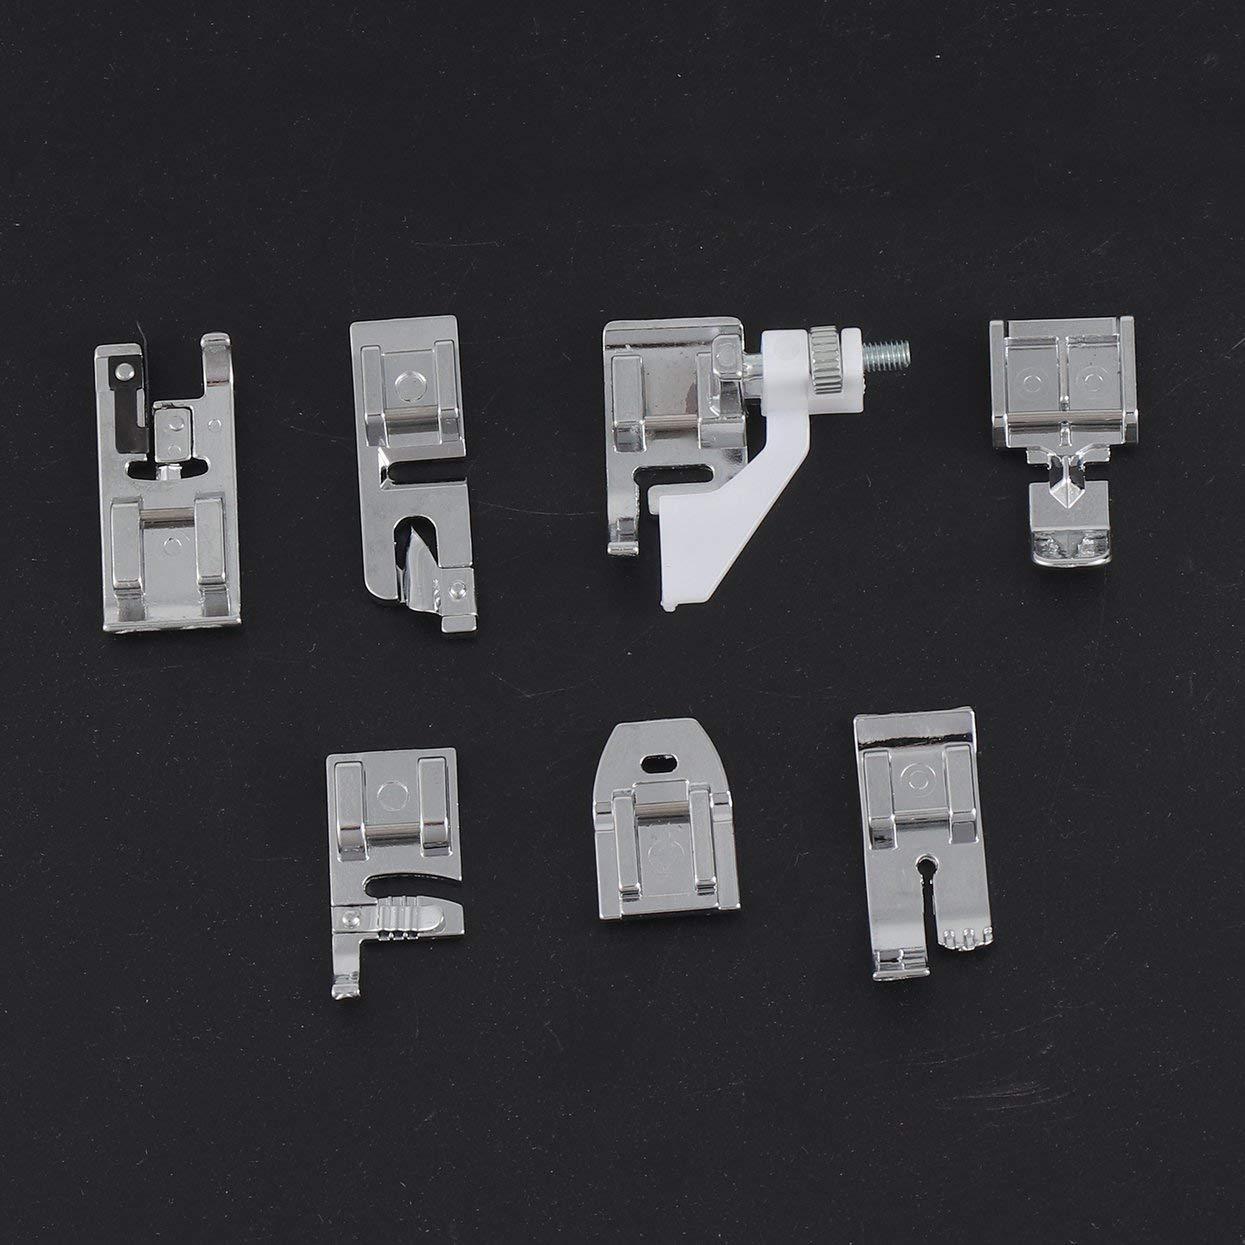 Tellaboull 11pcs Set Piedino per Macchina da Cucire Multifunzione Piedini Ricambi Accessori Accessori Utensili per la casa Piedino Universale per pressatura